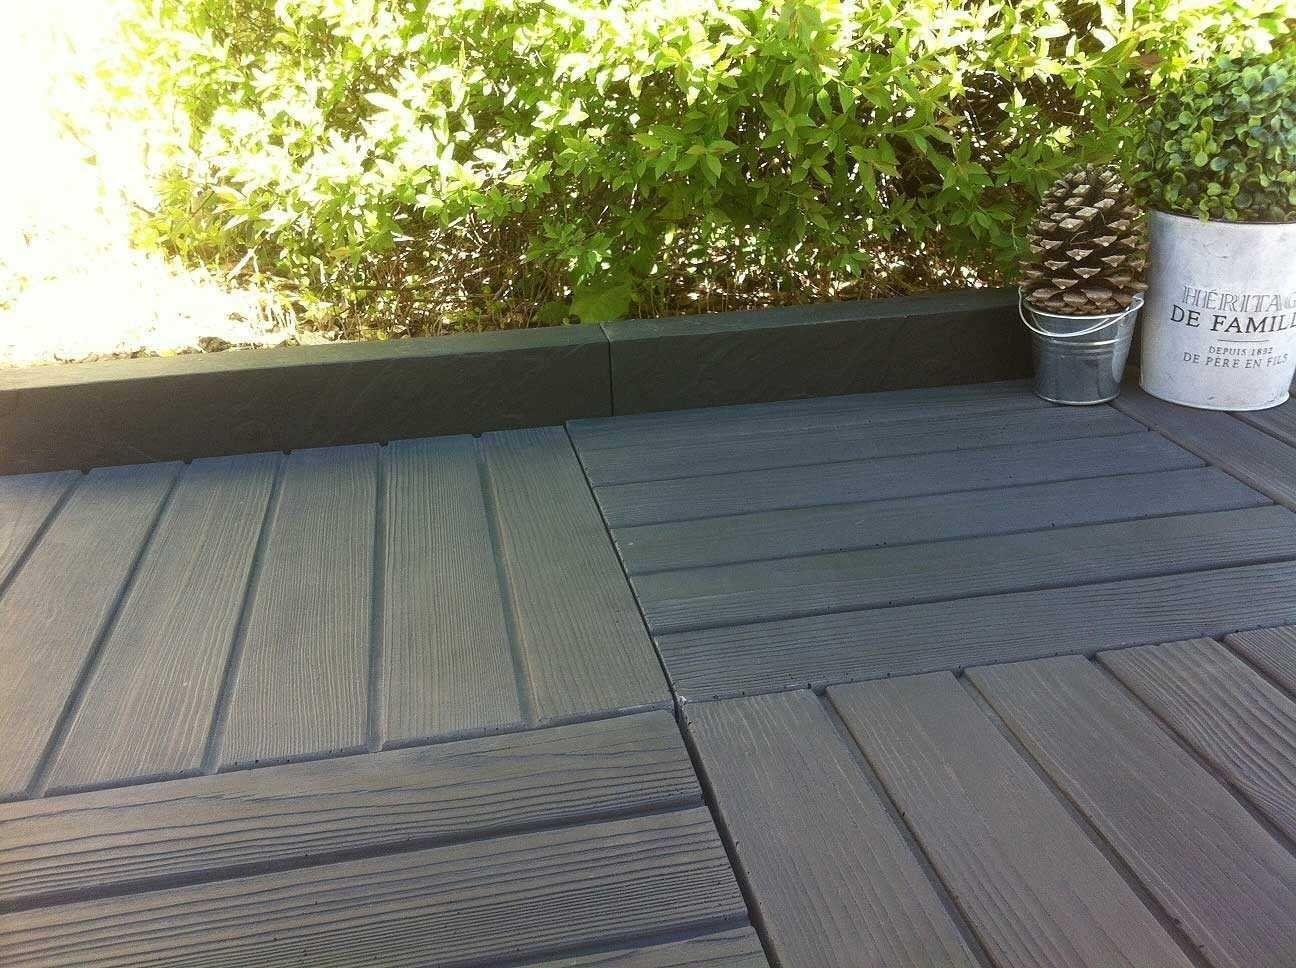 Bois Pour Terrasse Extérieure dalles pour terrasse exterieure luxe dalle terrasse pierre